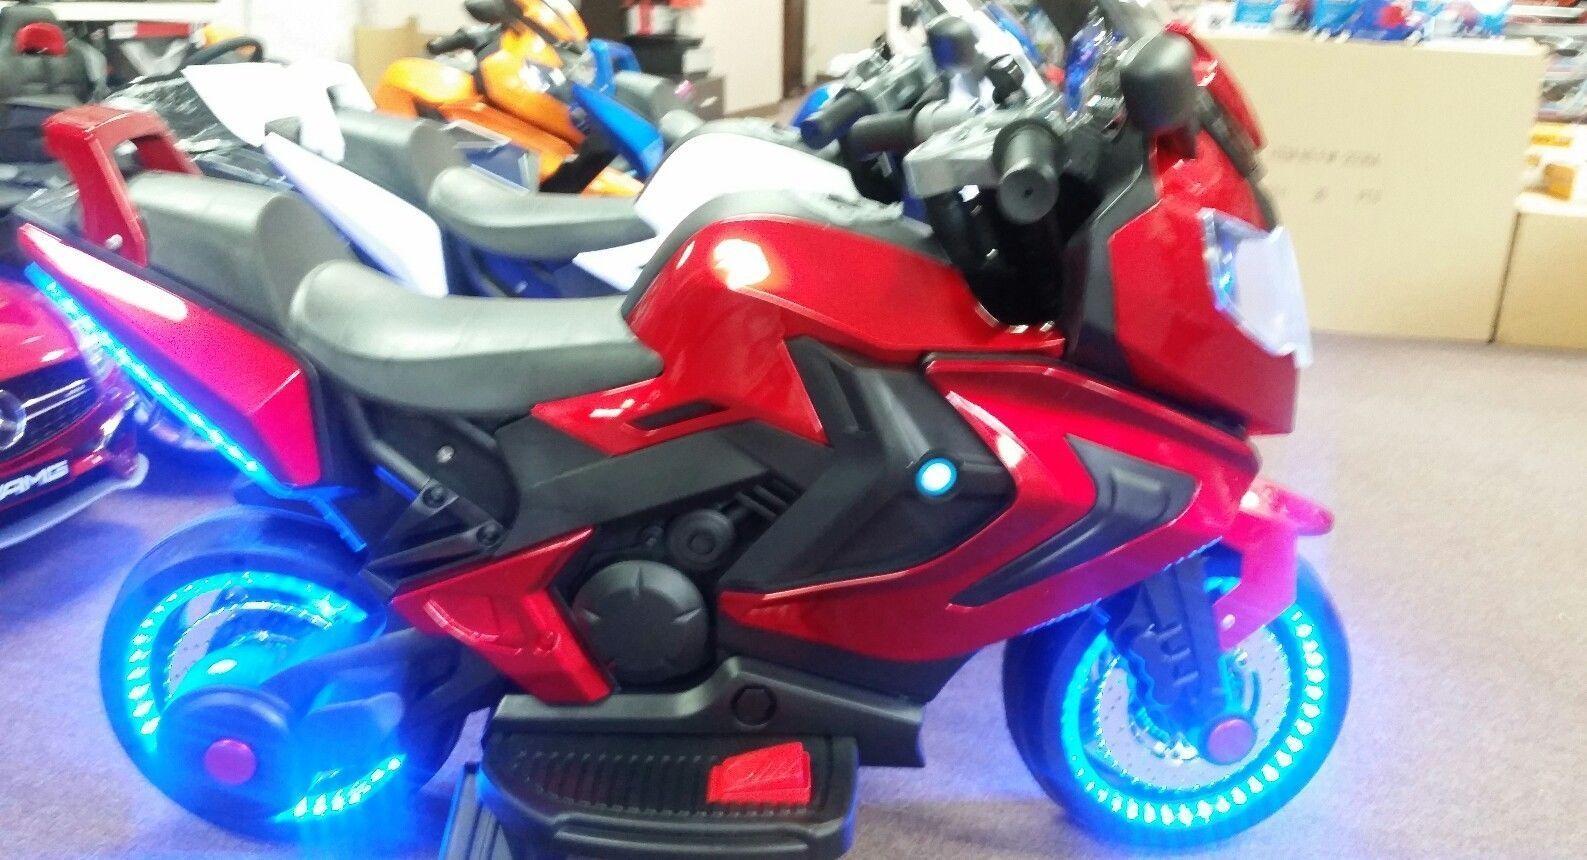 NEW LED 12V MOTOR CYCLE KIDS RIDE ON ELECTRIC SPORTS BIKE GI